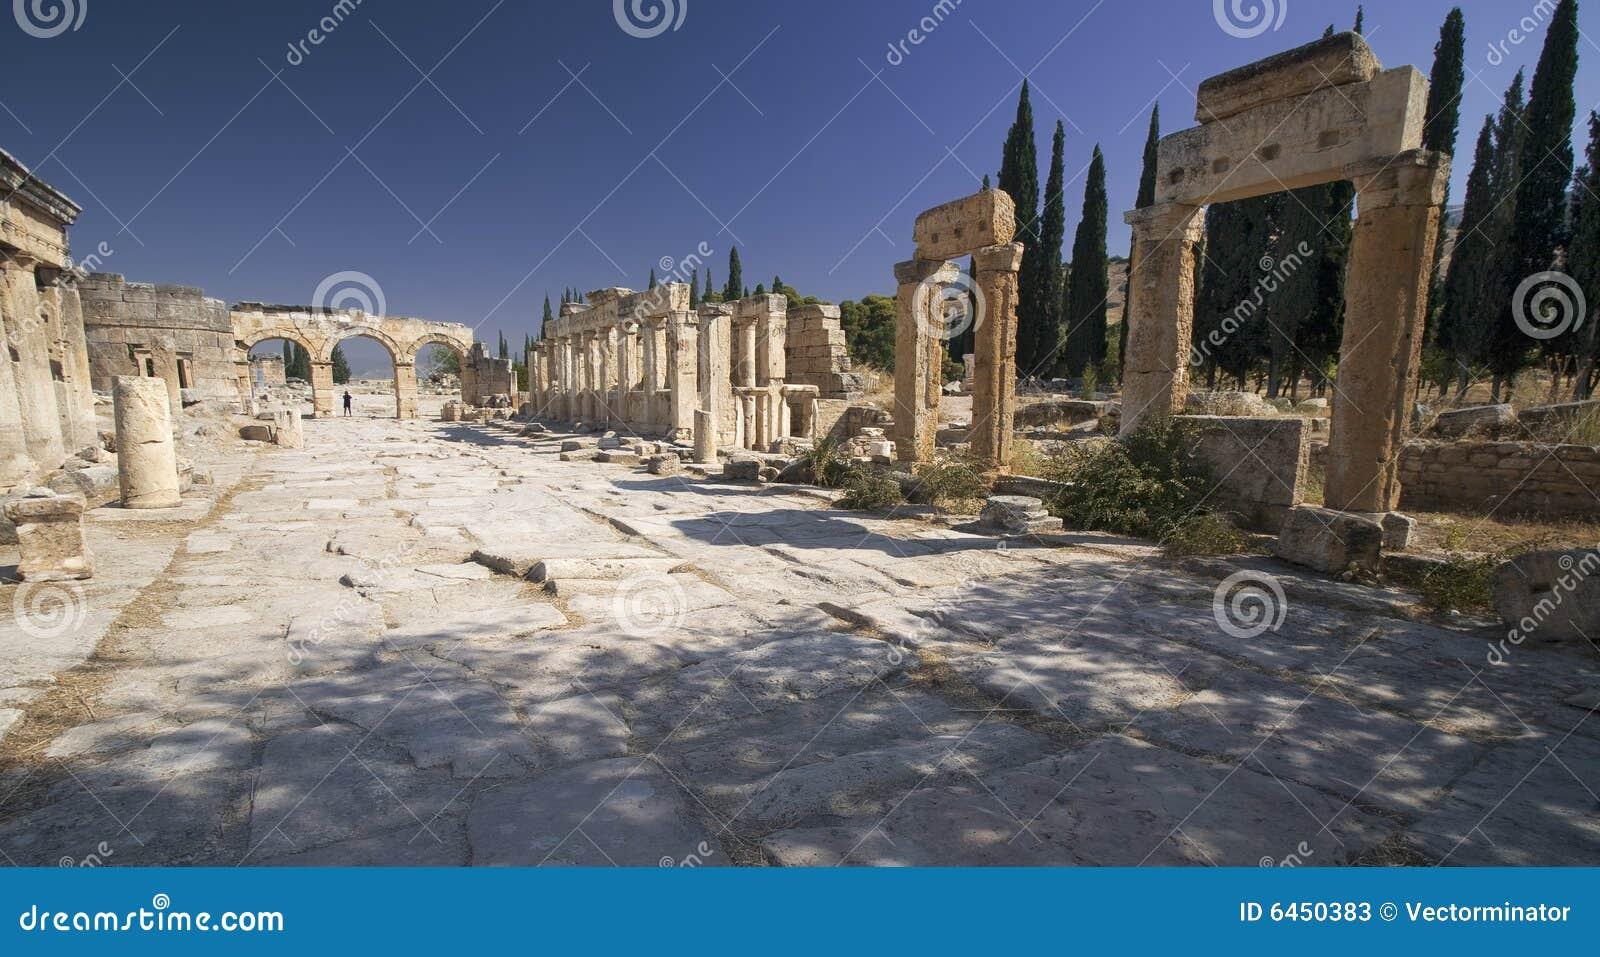 Hierapolis main street